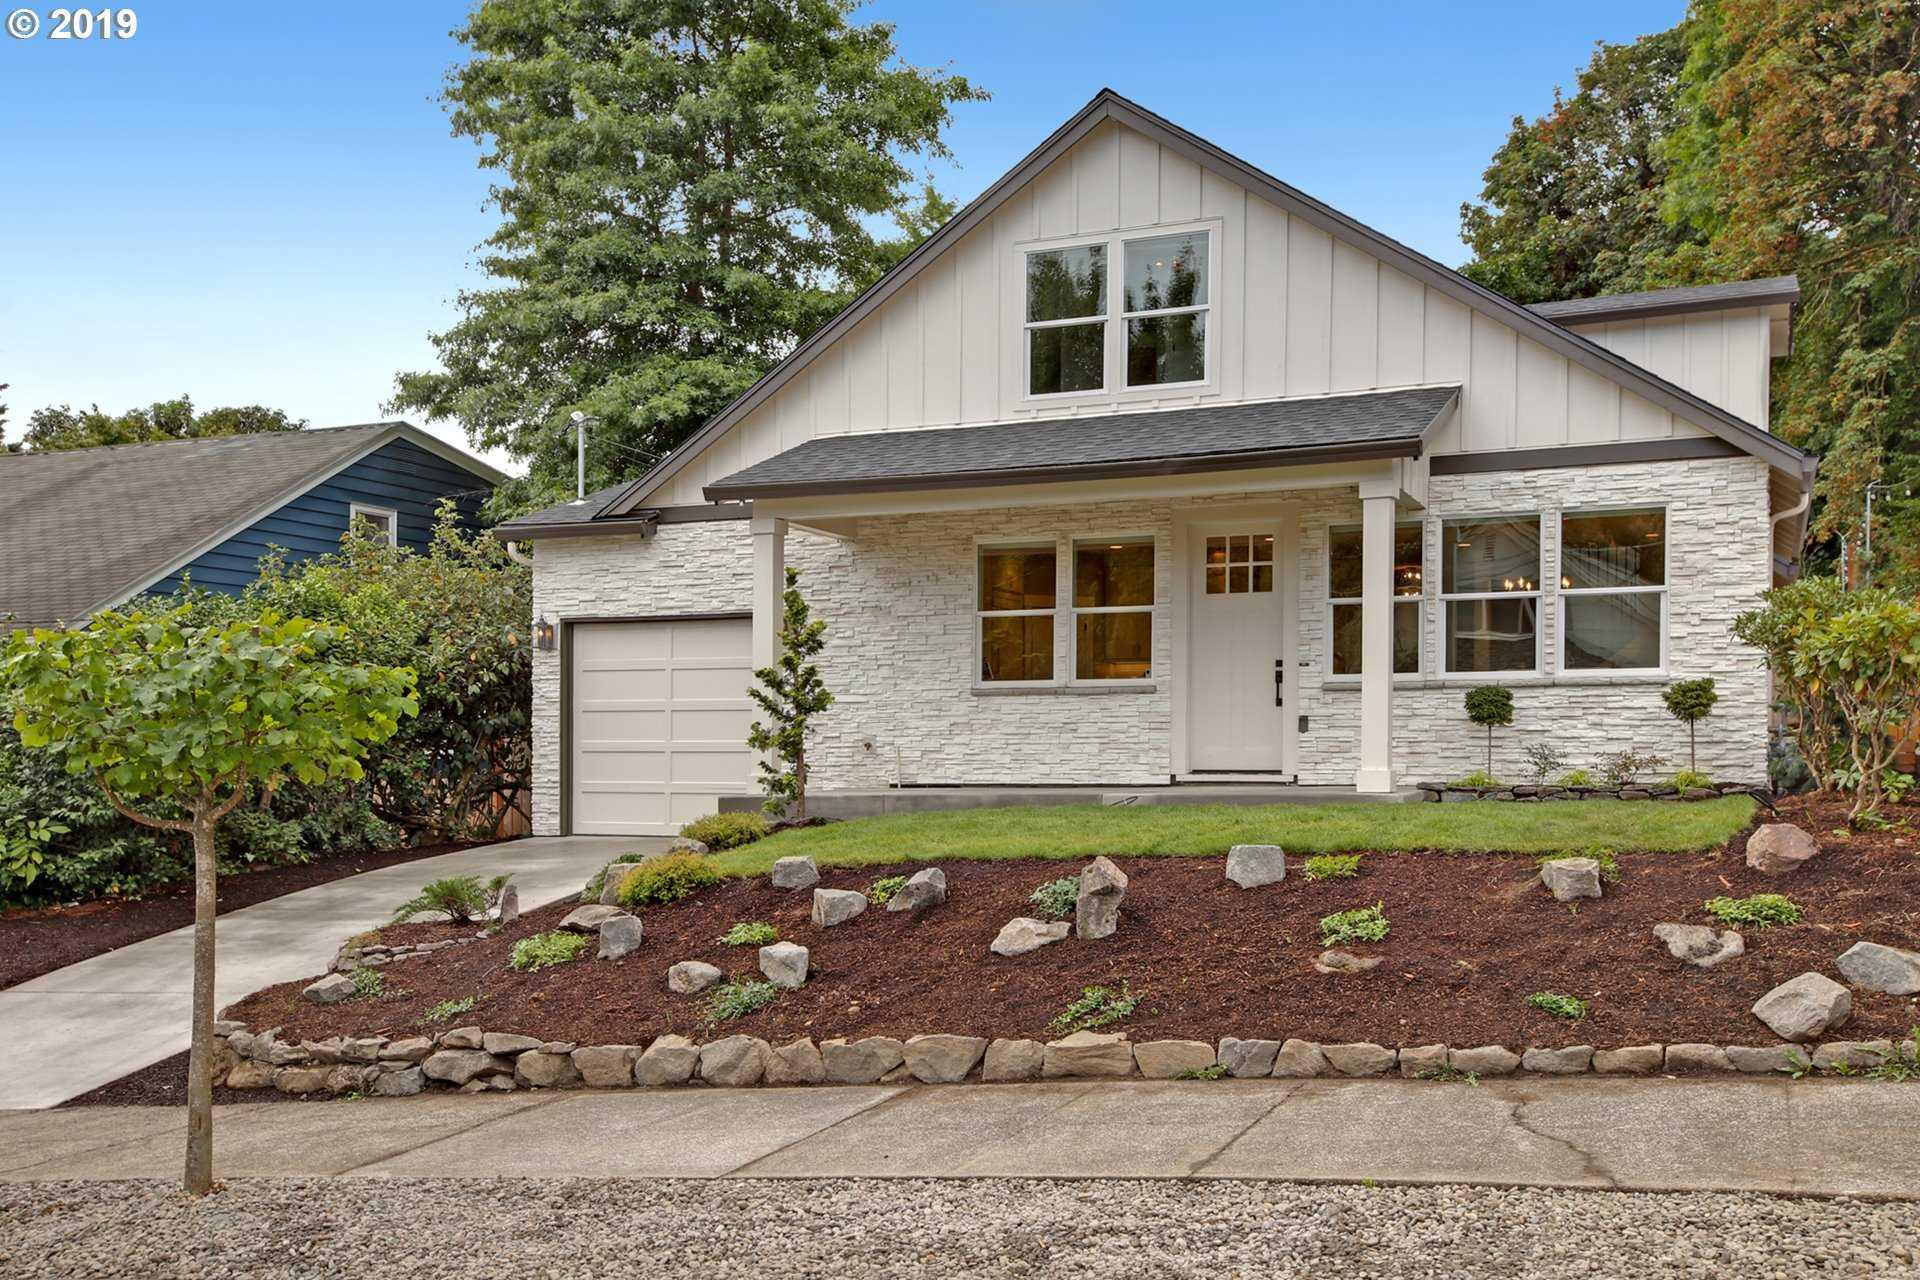 $839,000 - 4Br/3Ba -  for Sale in John's Landing, Portland